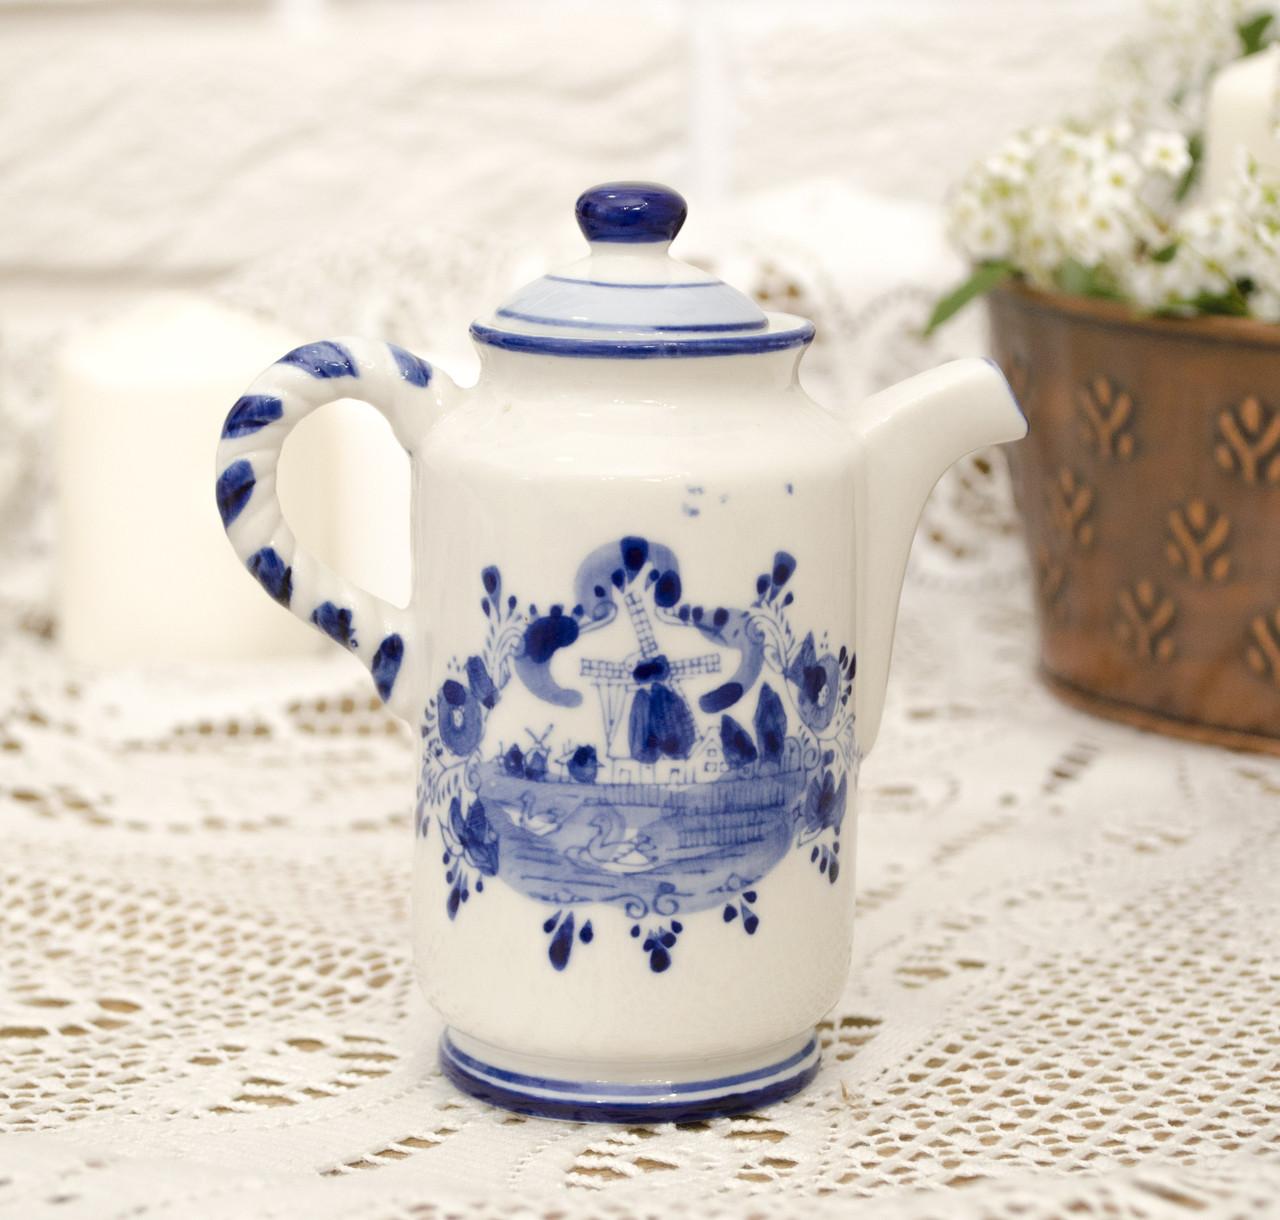 Фарфоровый чайничек с крышкой, Делфт, ручная роспись, Делфтский фарфор, Голландия